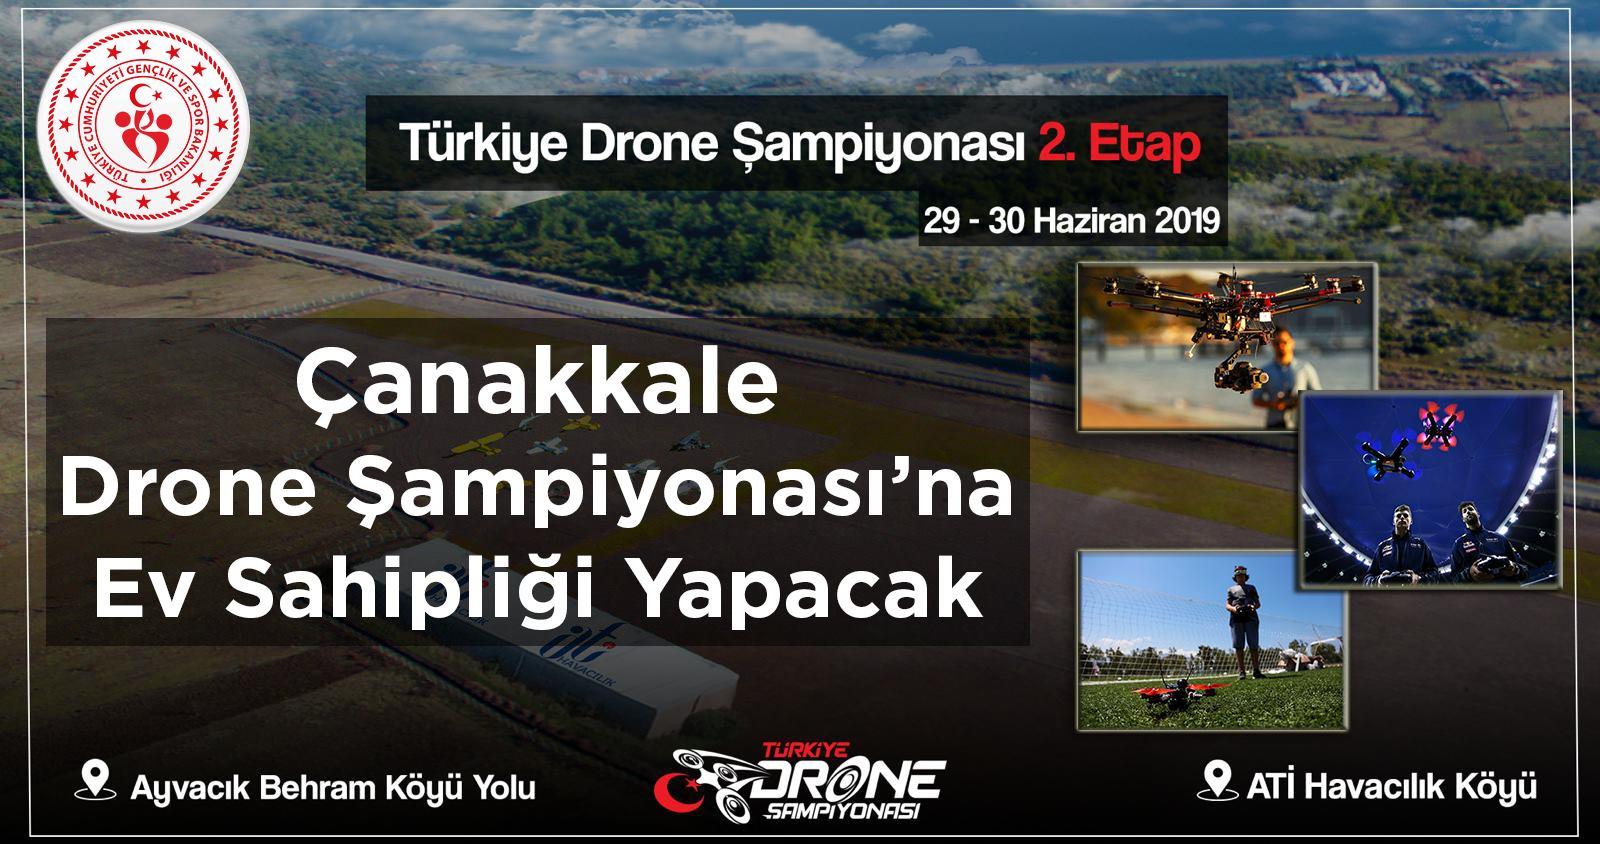 Dünya Drone Kupası'nda yarışacaklar